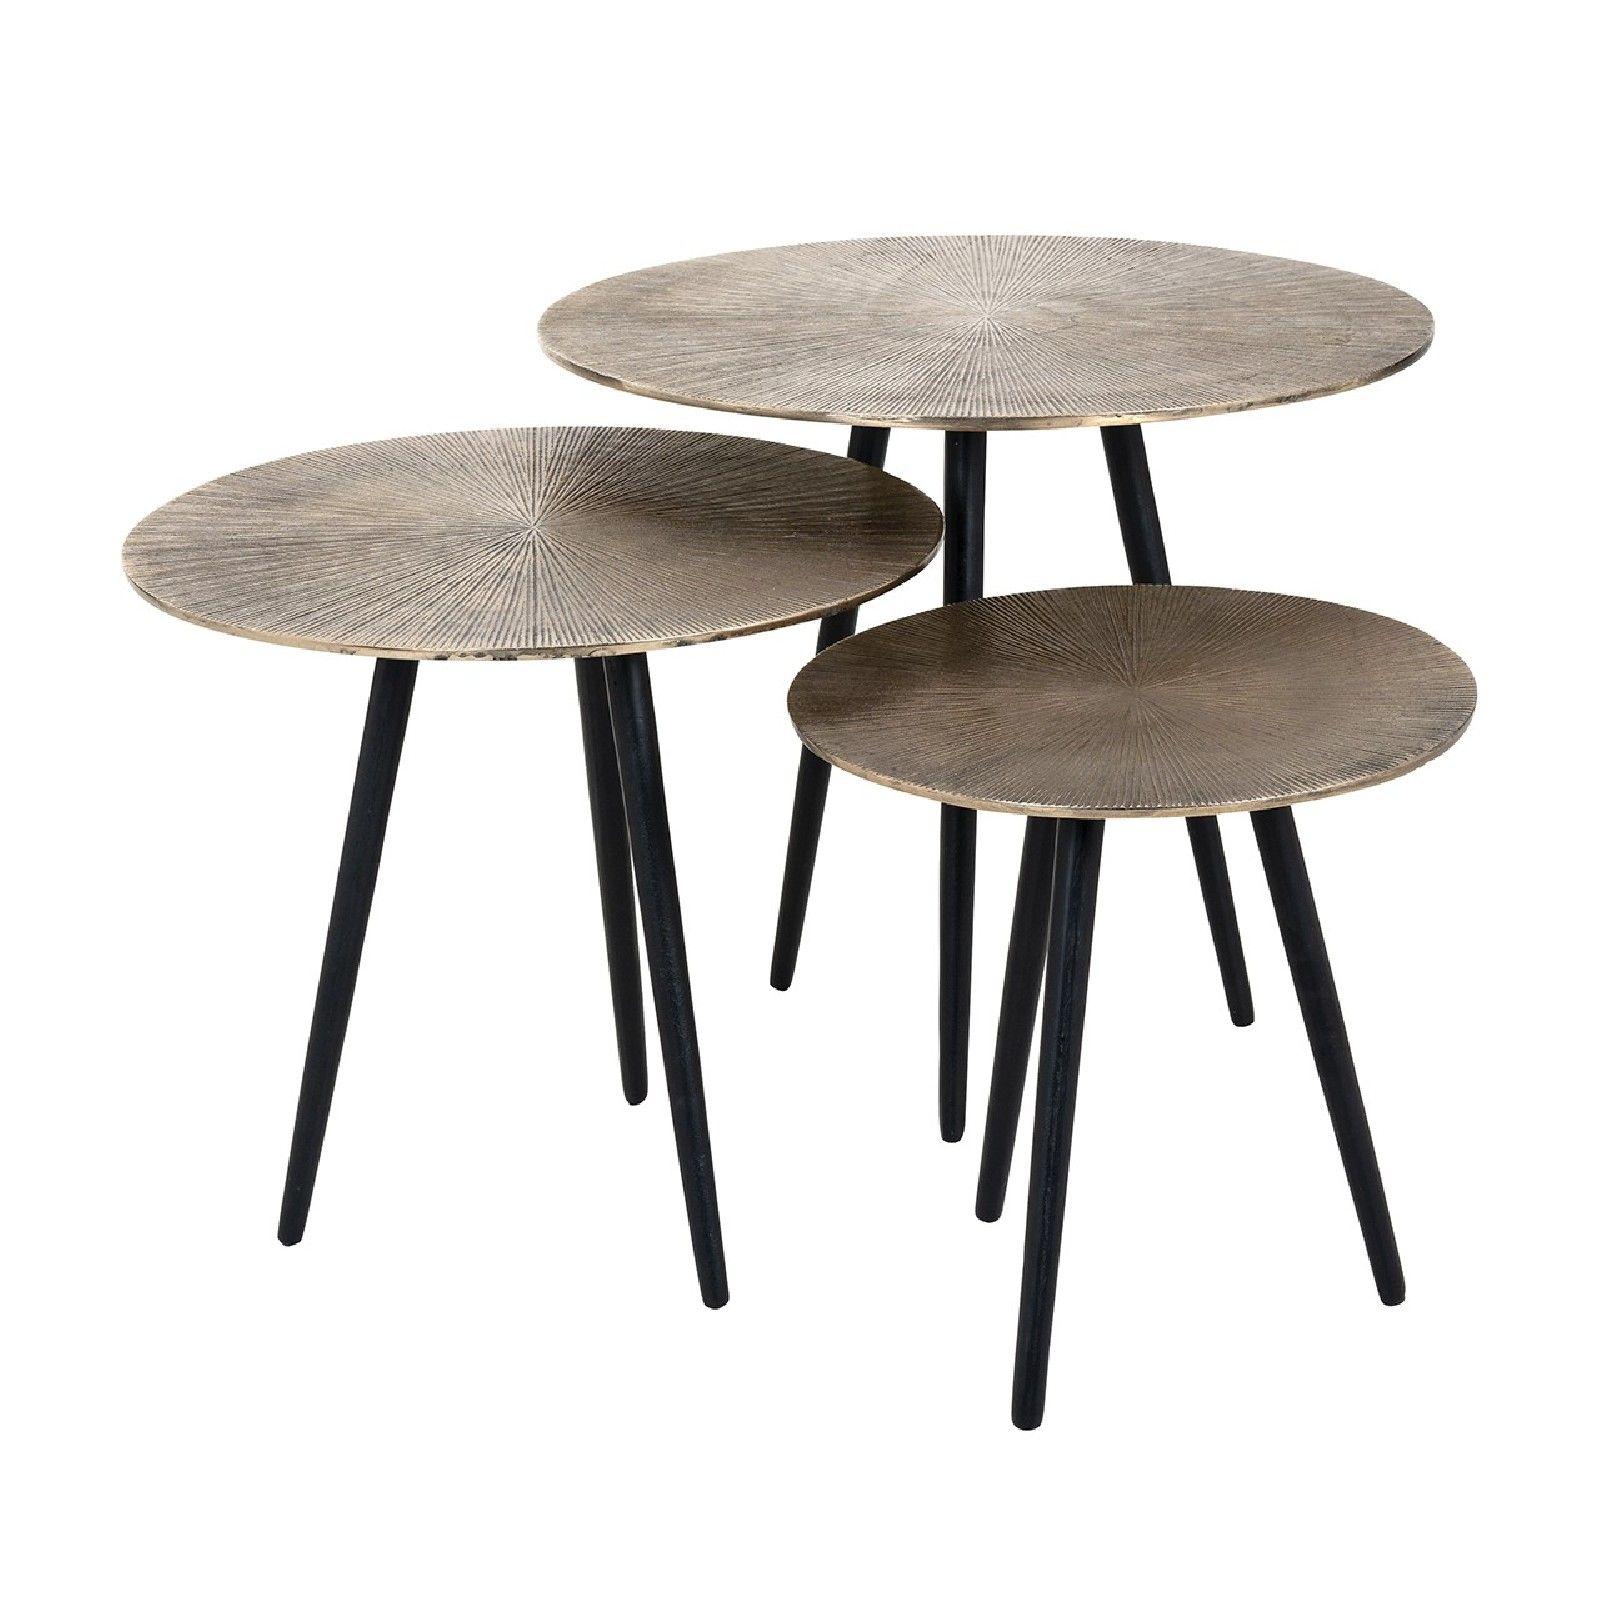 Table de salon Set de 3 Vittorio champagne or Tables basses rondes - 49